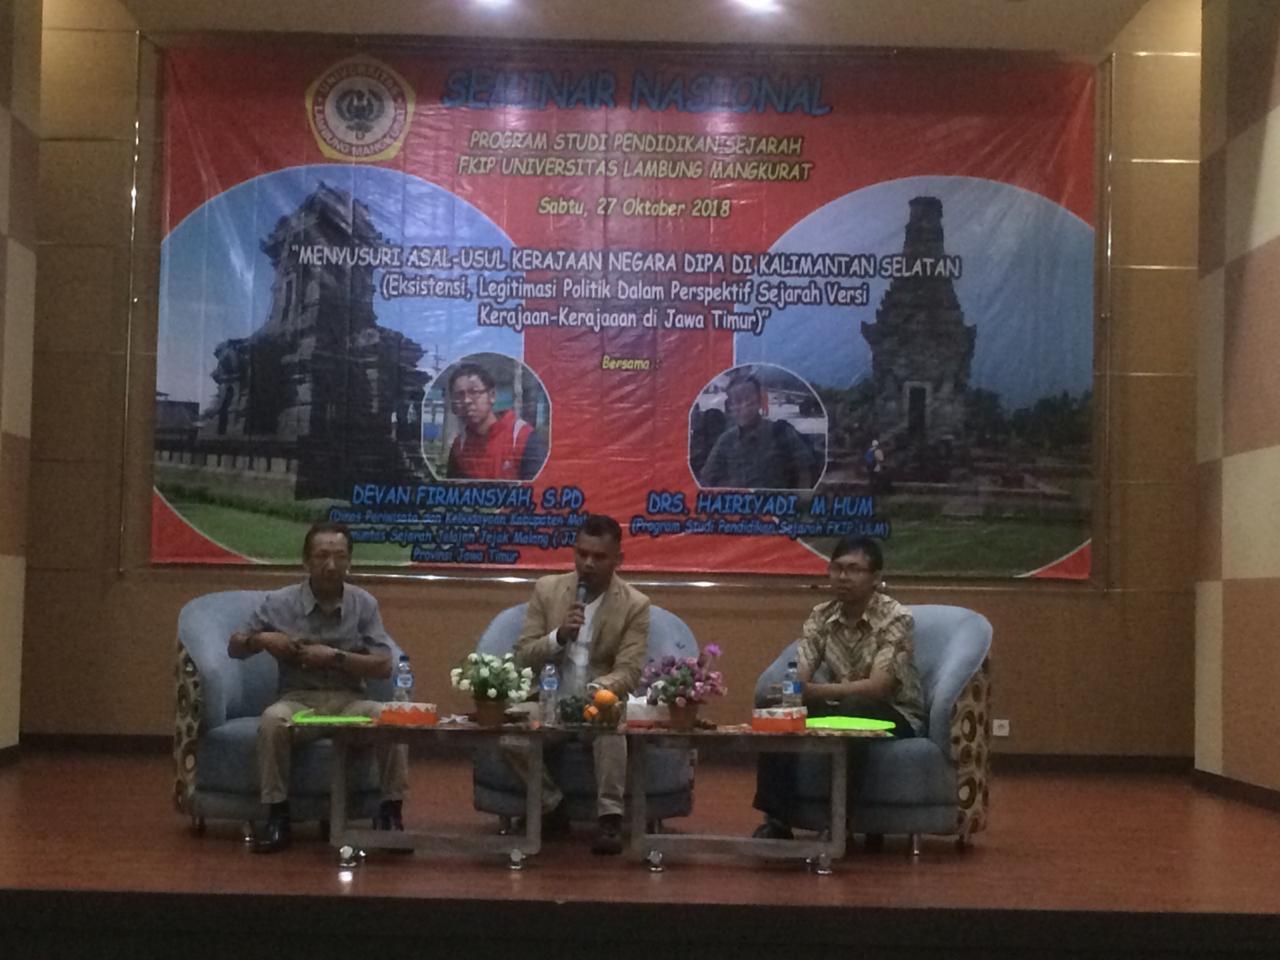 Seminar Nasional Bahas Kerajaan Negara Dipa versi Kerajaan di Jatim